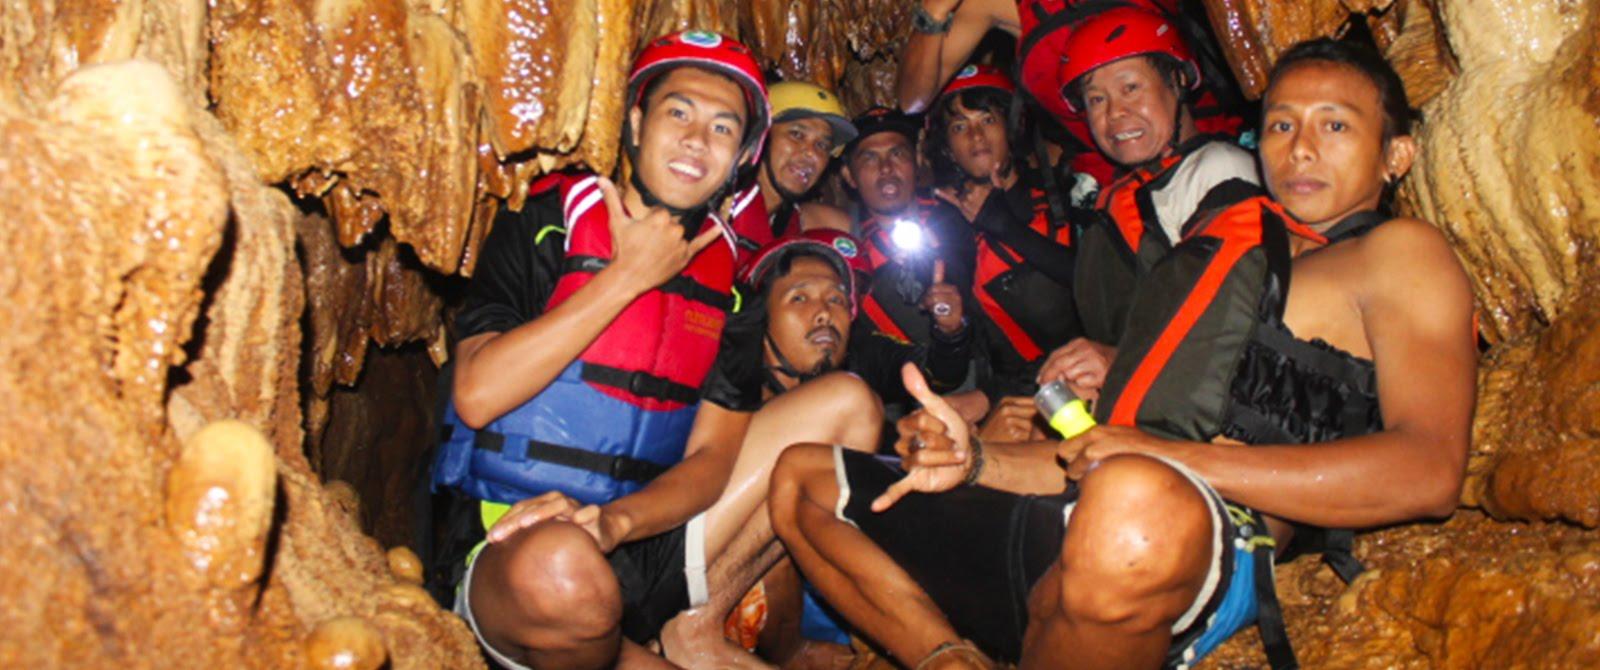 Caving Dan Rafting Bisa Anda Nikmati Jika Body Rafting Digoa Lanang.